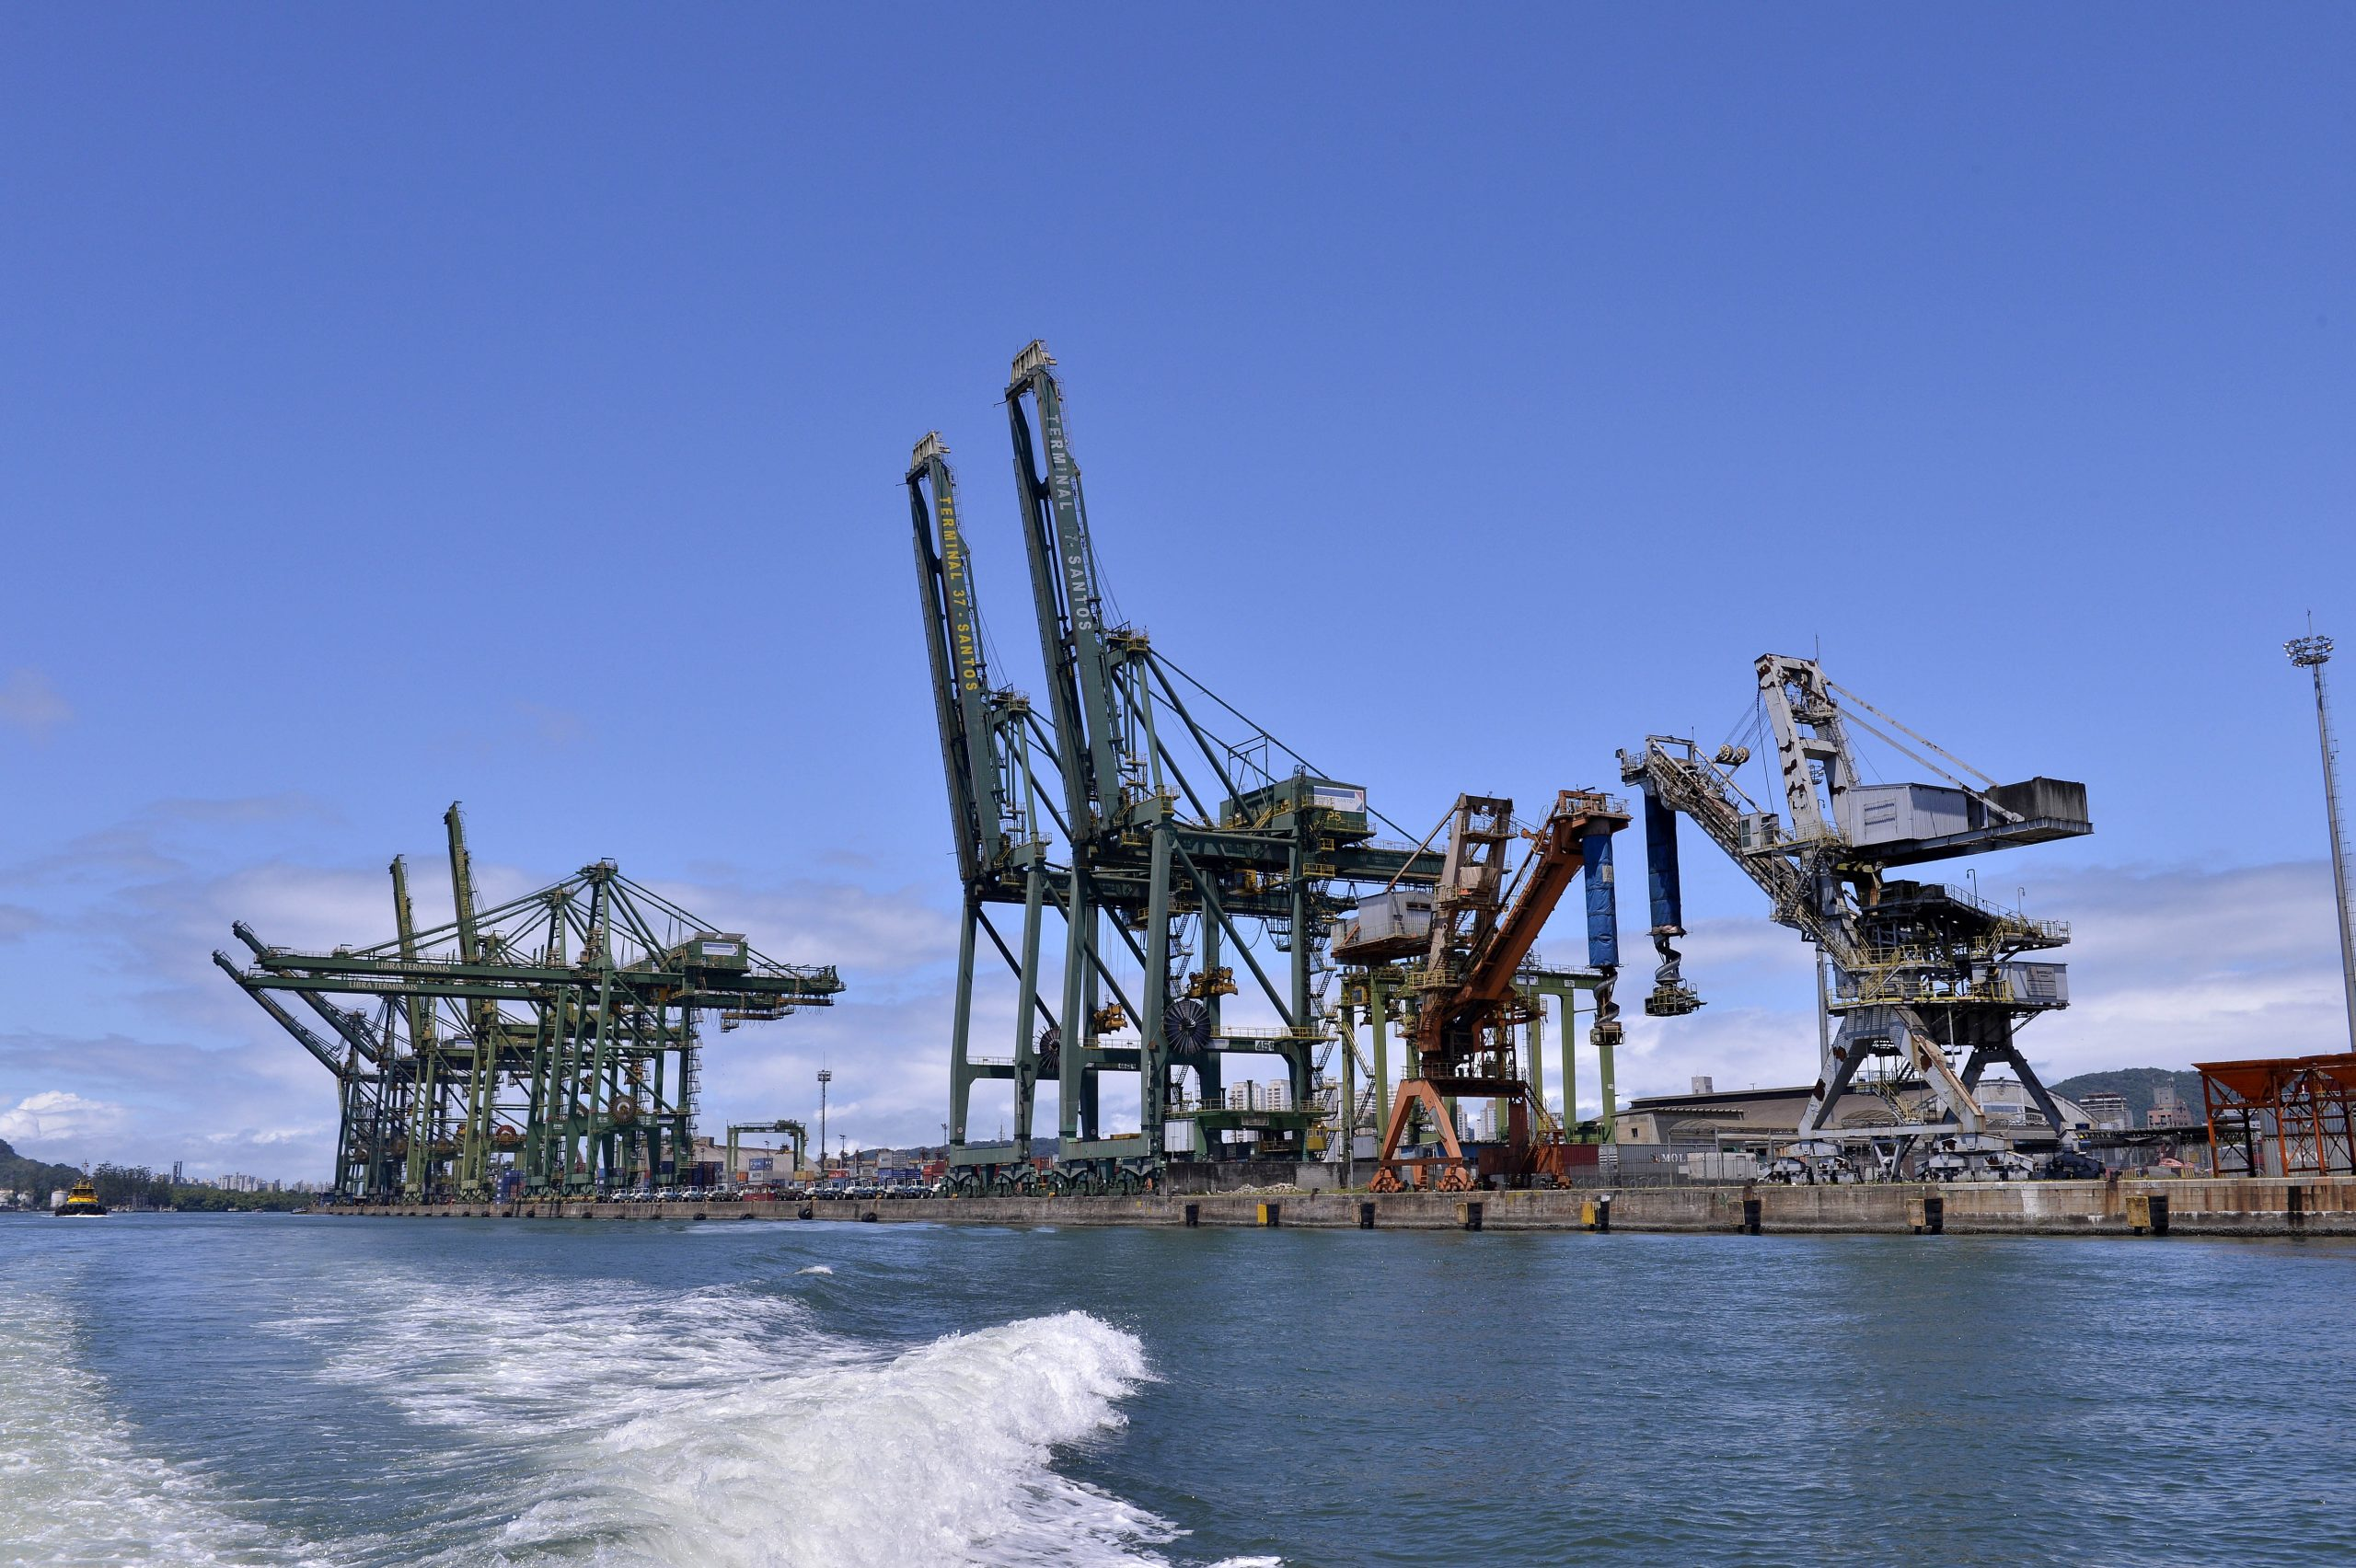 Brazil Advances on Dredging Modeling  for Port of Santos